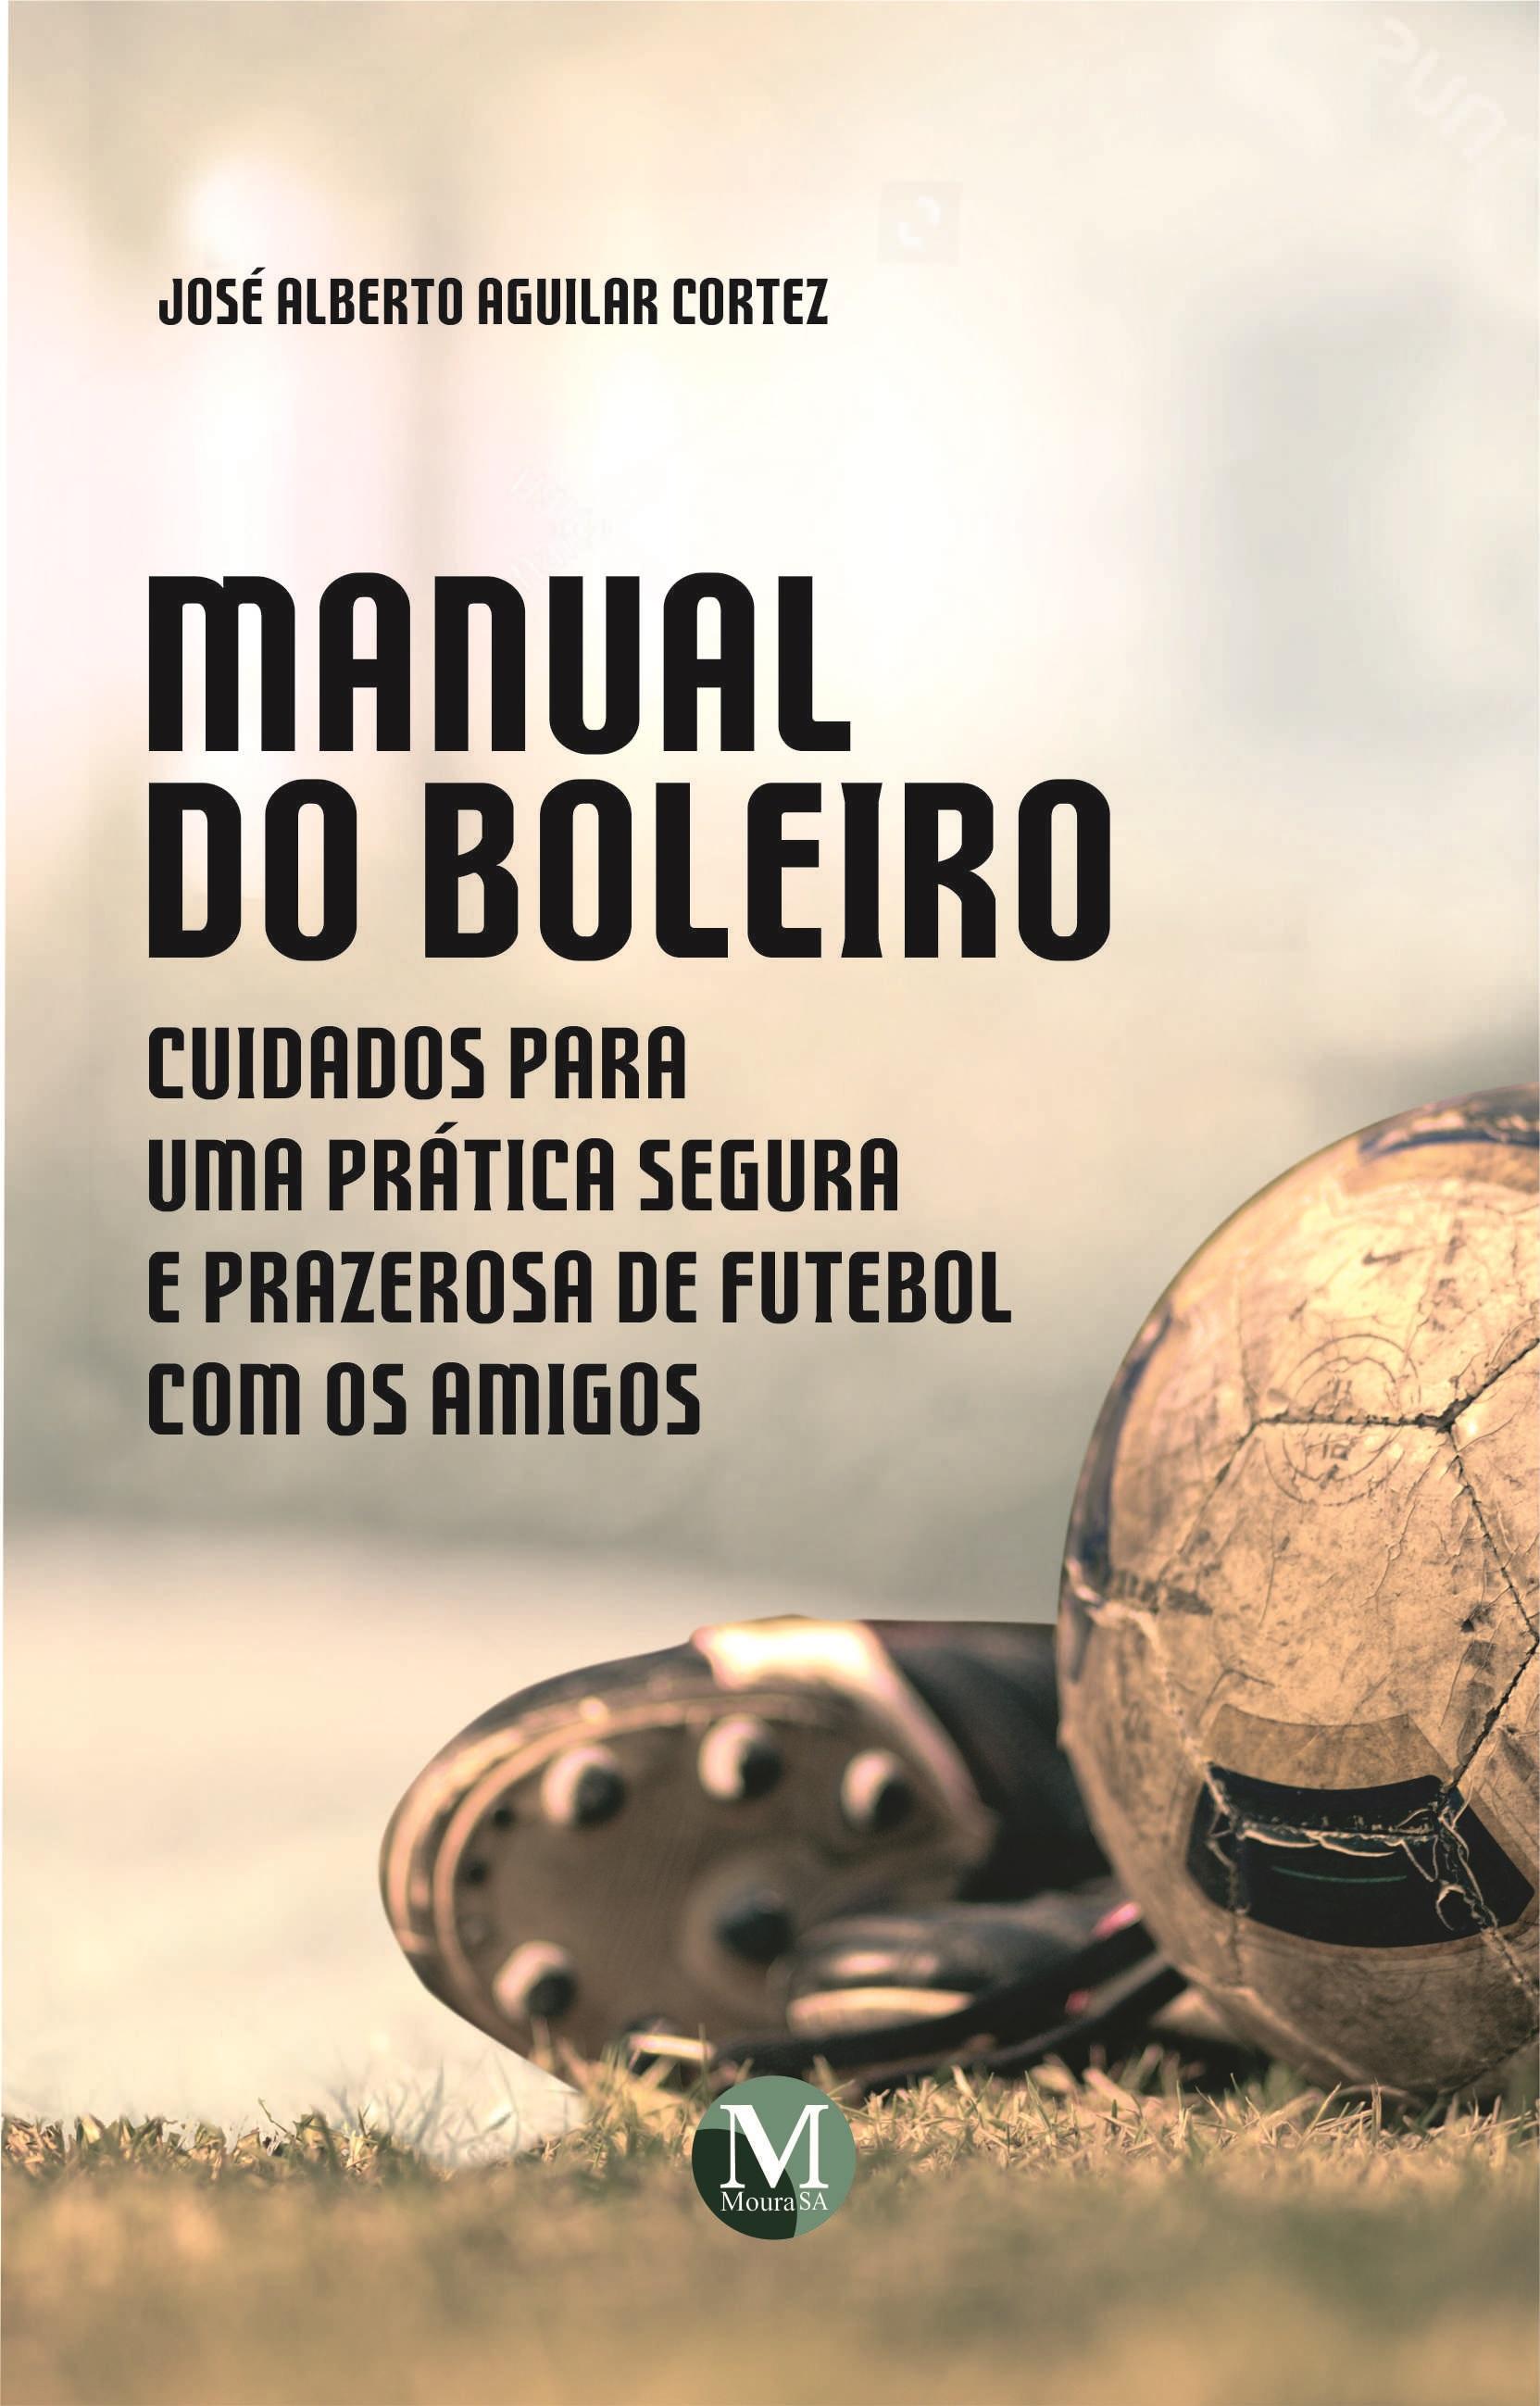 Capa do livro: MANUAL DO BOLEIRO: <br>Cuidados para uma prática segura e prazerosa de futebol com os amigos